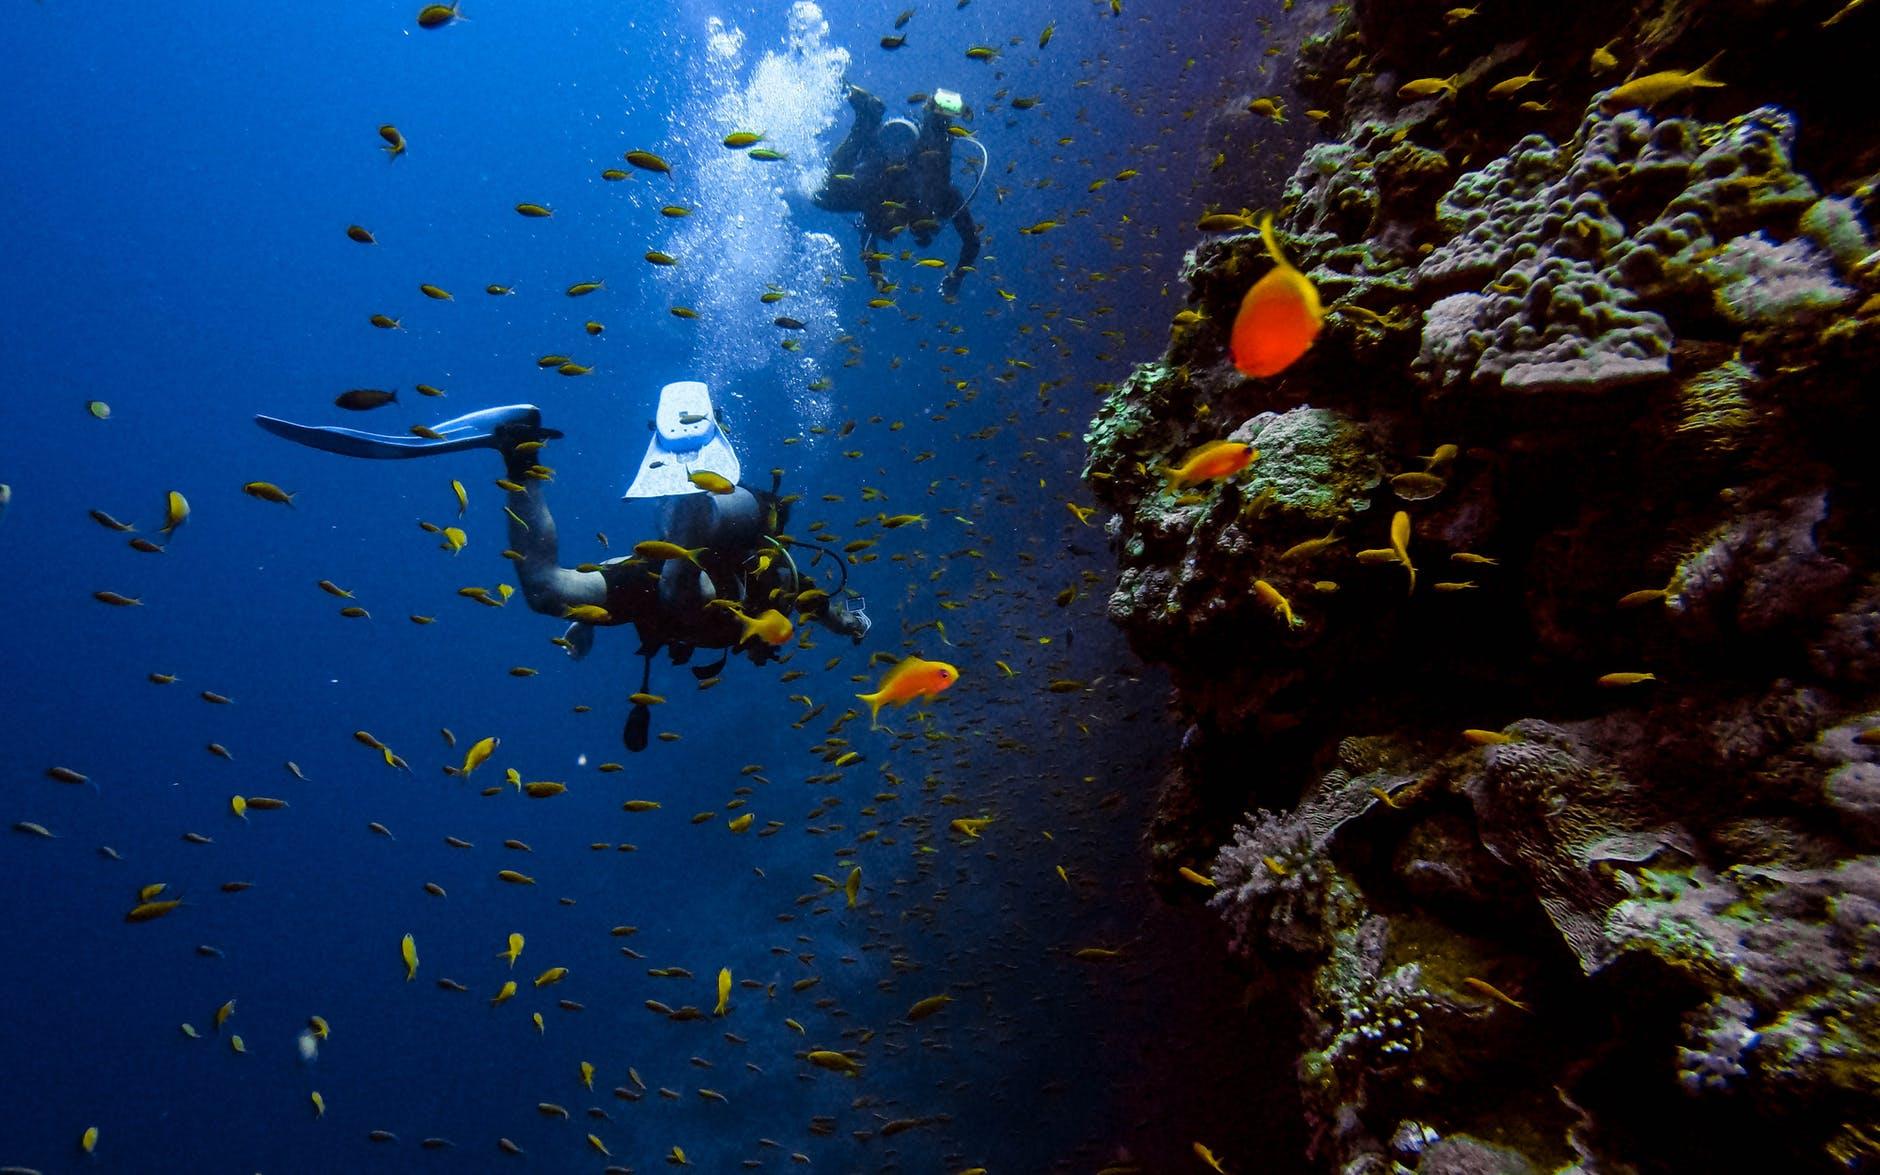 Sebelum Menyelam, Kenali Terlebih Dahulu 6 Jenis Scuba Diving